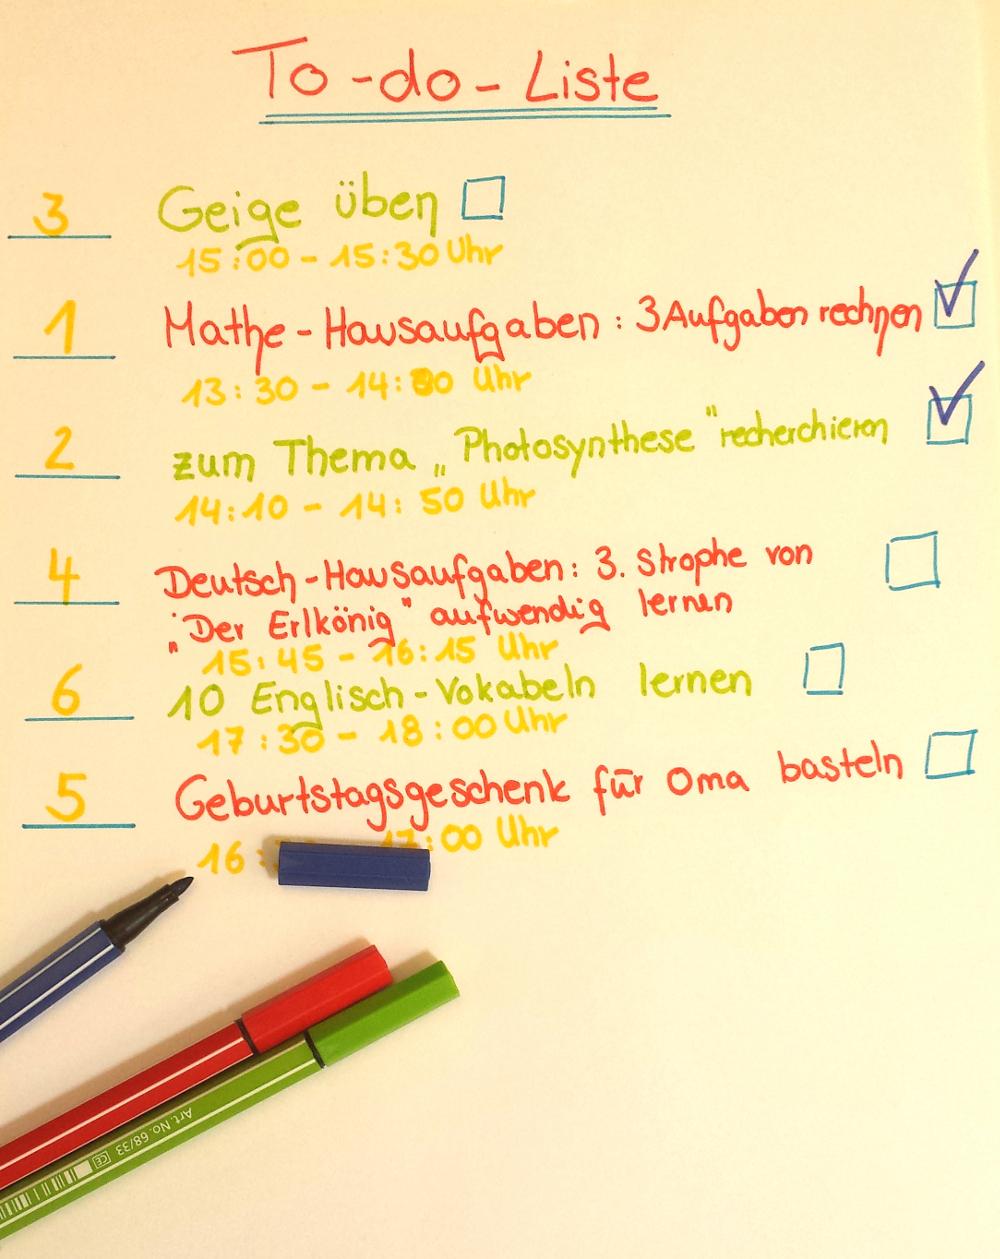 Die Liste